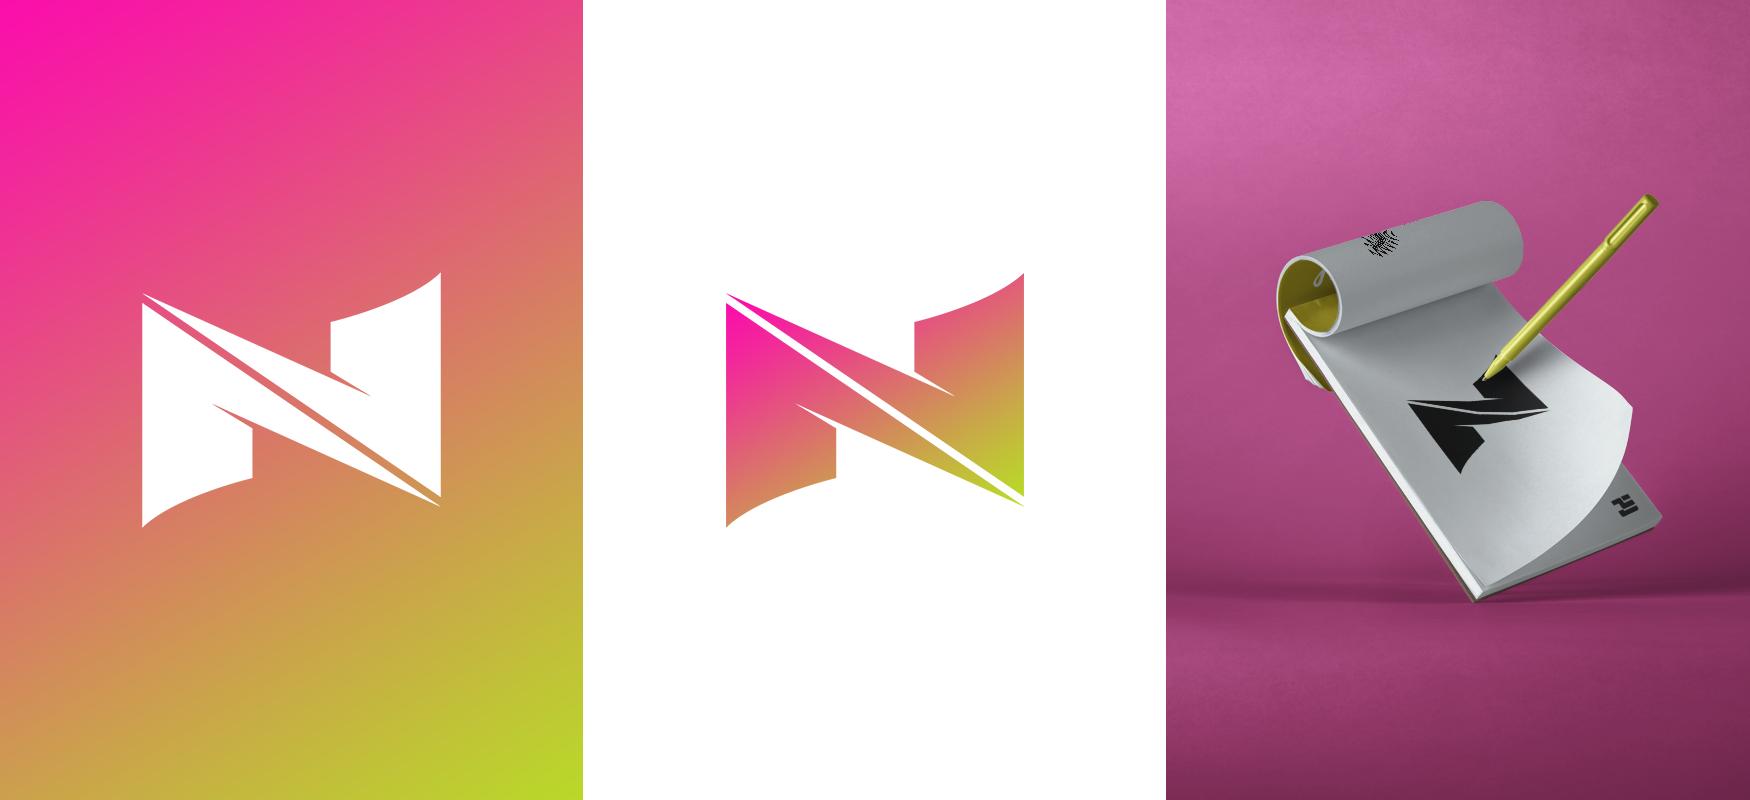 Project Niiqht